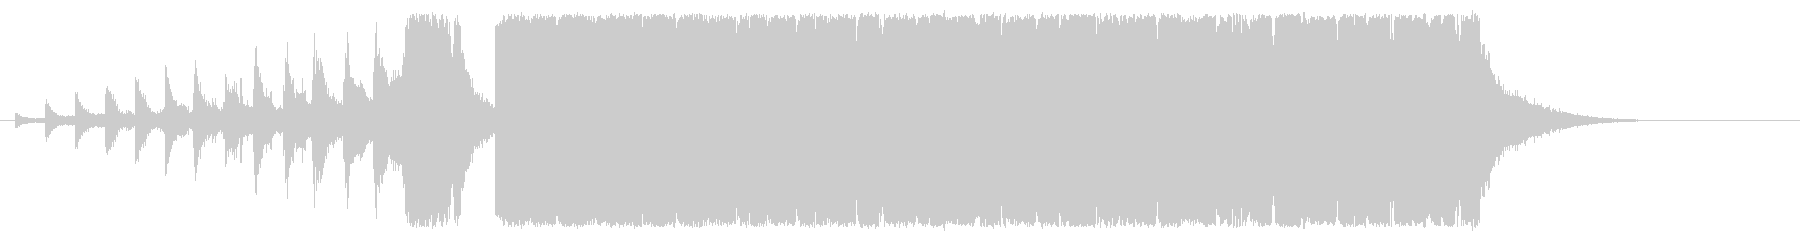 ノリノリでワクワクのEDM風サウンドロゴの未再生の波形